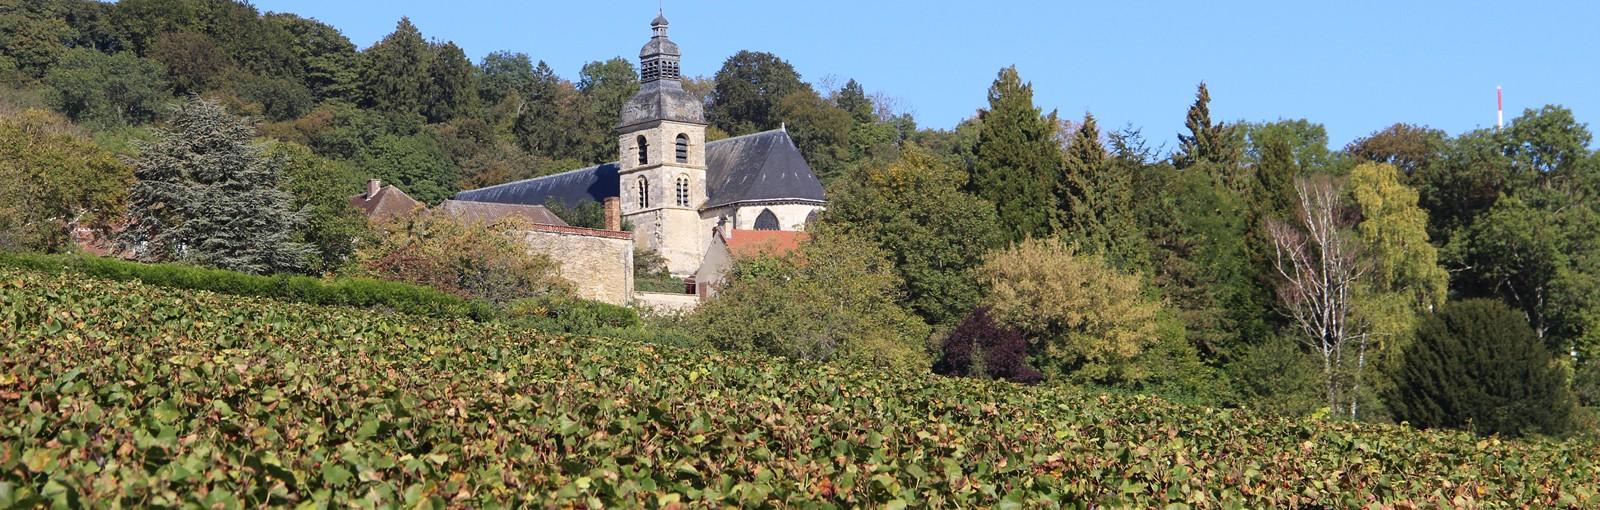 Tours 兰斯-香槟地区 - 一日游 - 从巴黎出发的一日游